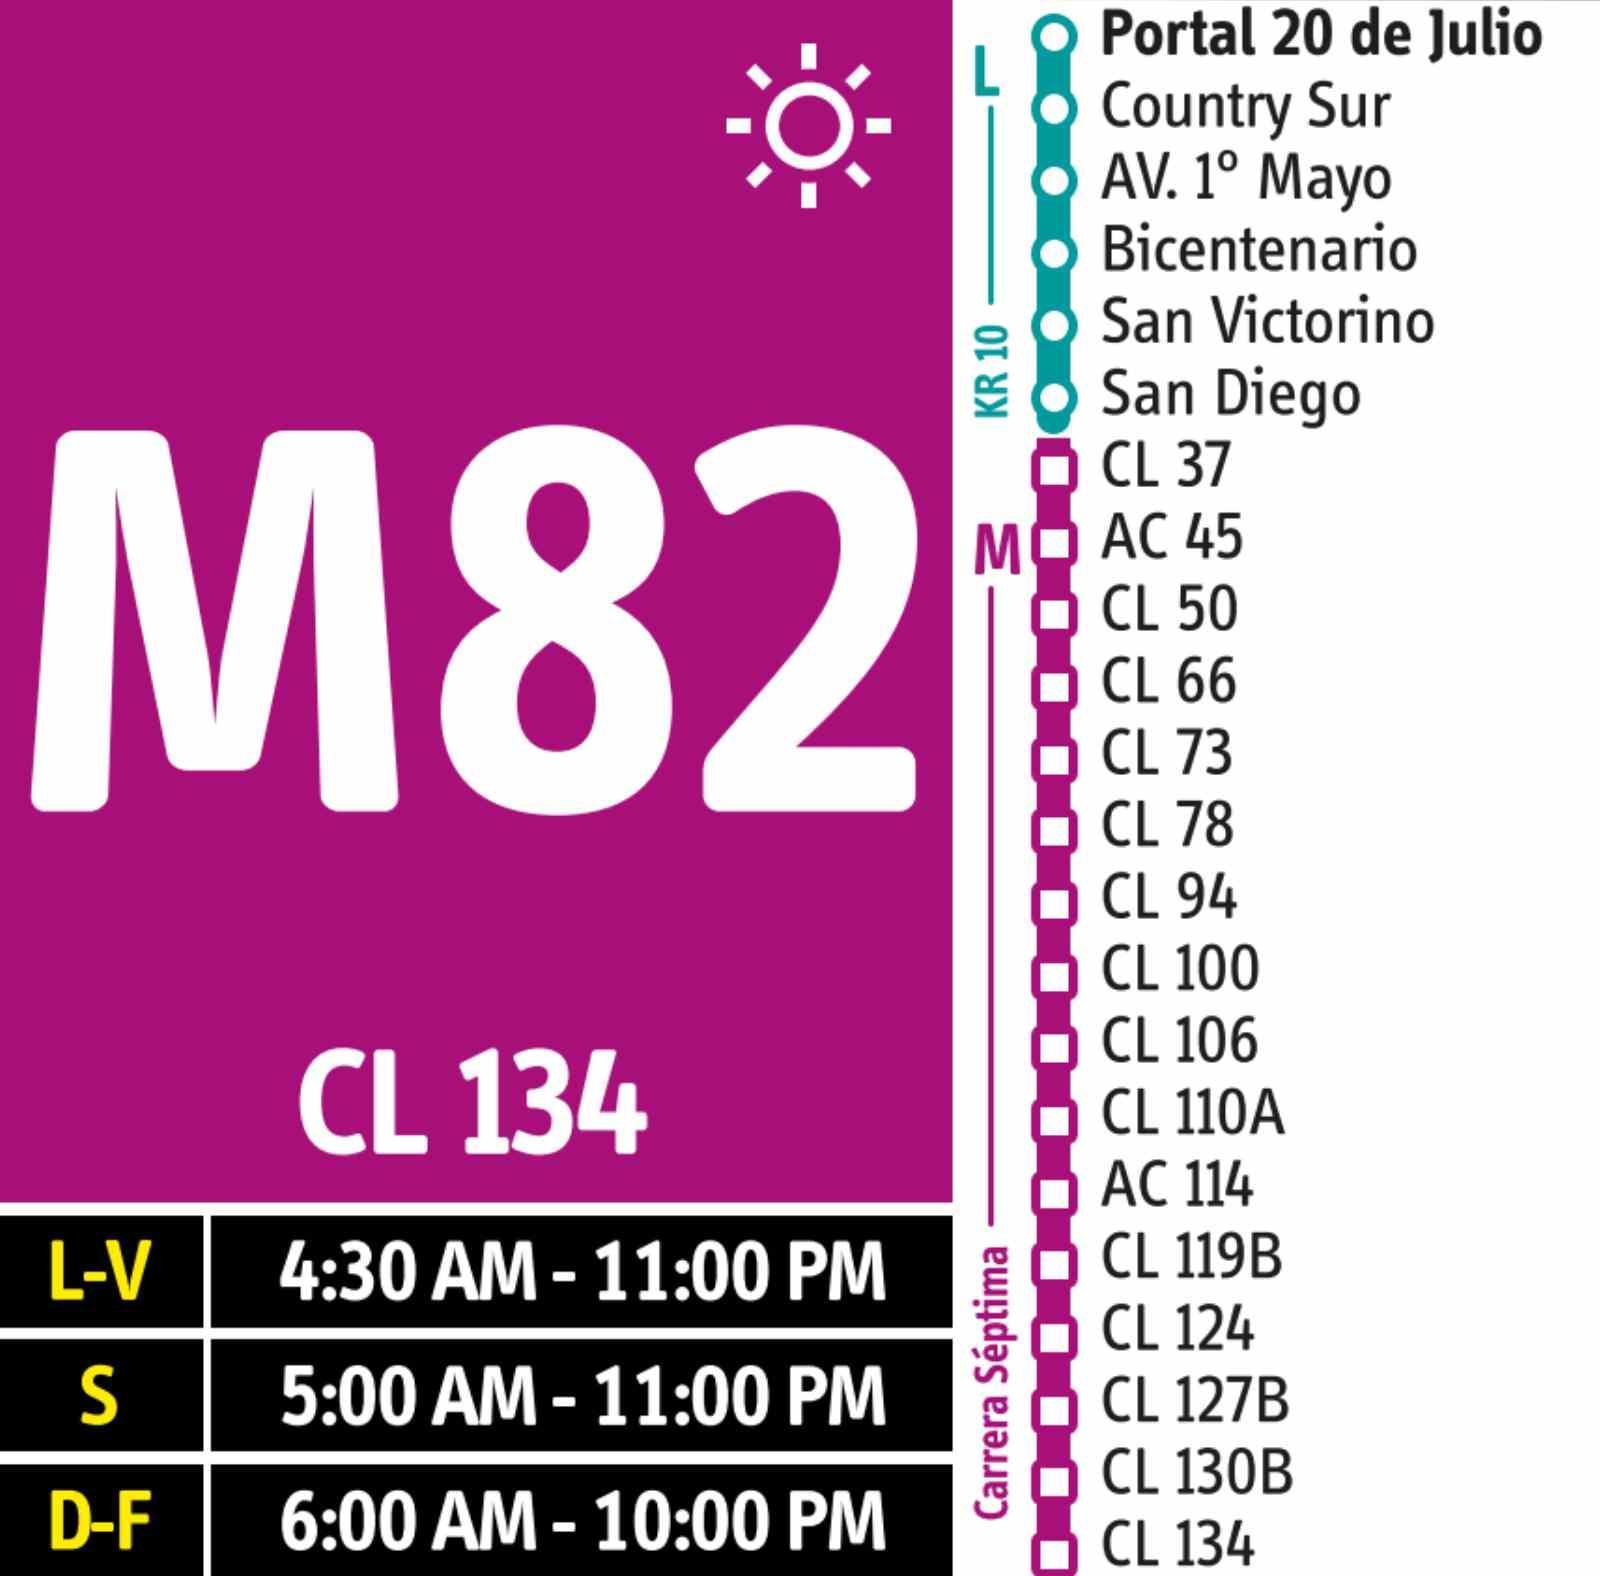 M82 > Portal 20 de Julio -Clínica El Bosque(DUAL)